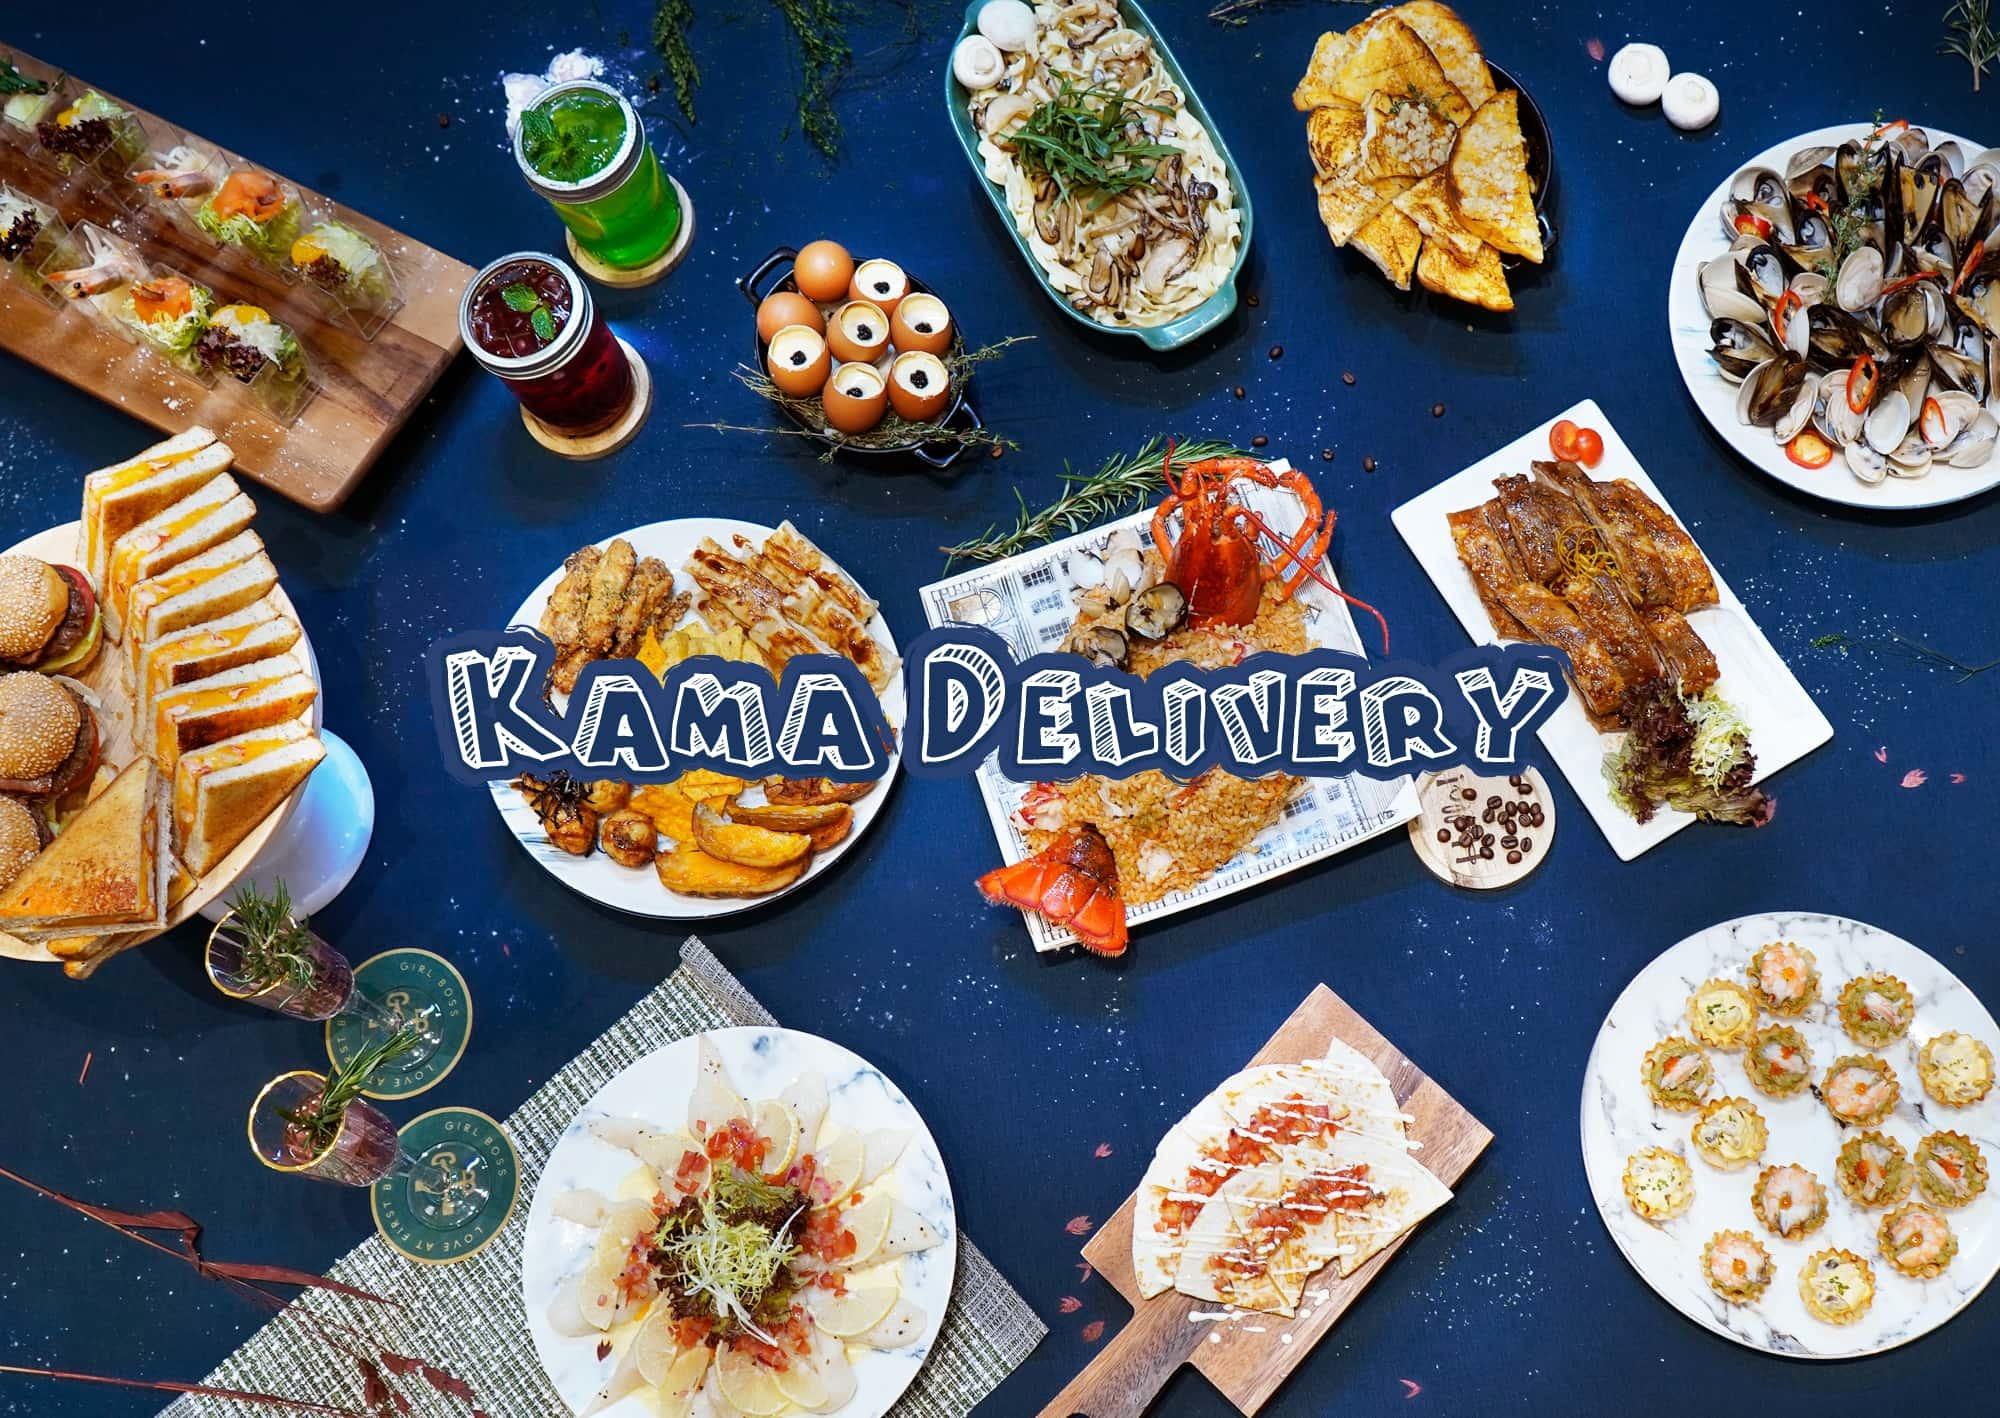 免運費外賣推介|Kama Delivery為生日會、慶祝活動、家庭聚會等場合炮製多人外賣單點美食,歡迎WhatsApp聯絡我們查詢報價。